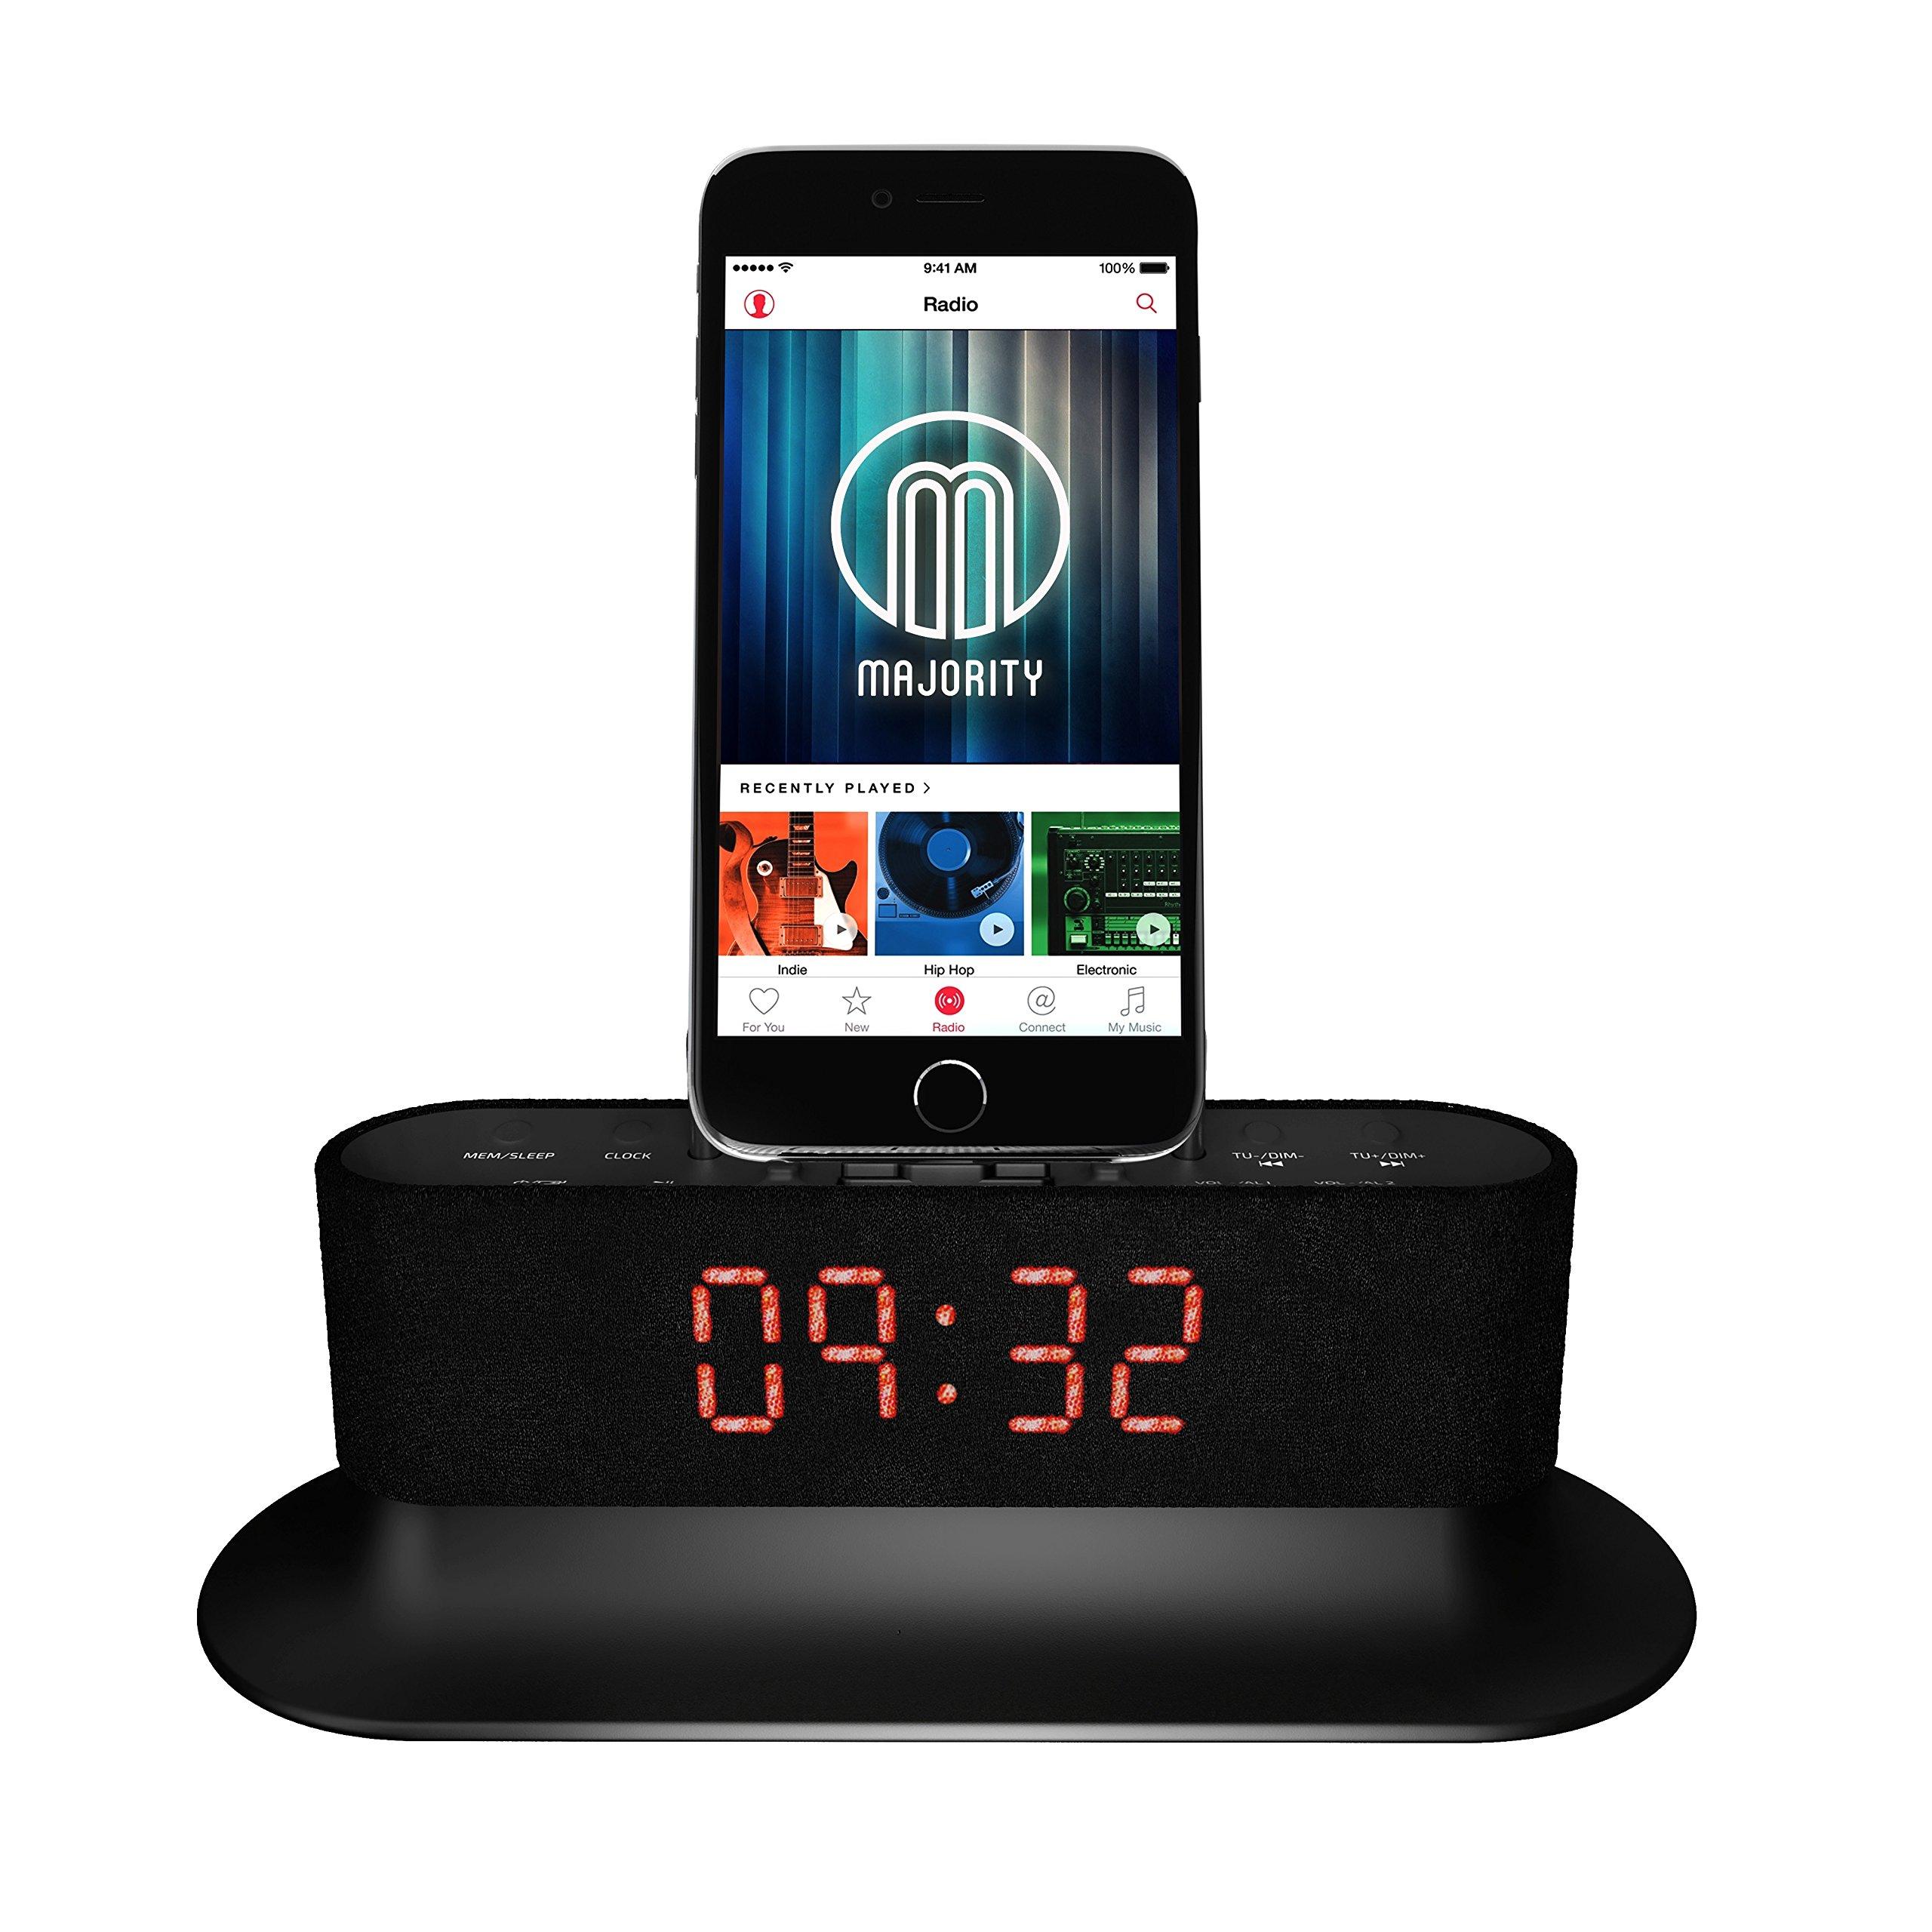 mercury speaker docking station alarm clock fm radio lightning dock for iphone 5 ebay. Black Bedroom Furniture Sets. Home Design Ideas